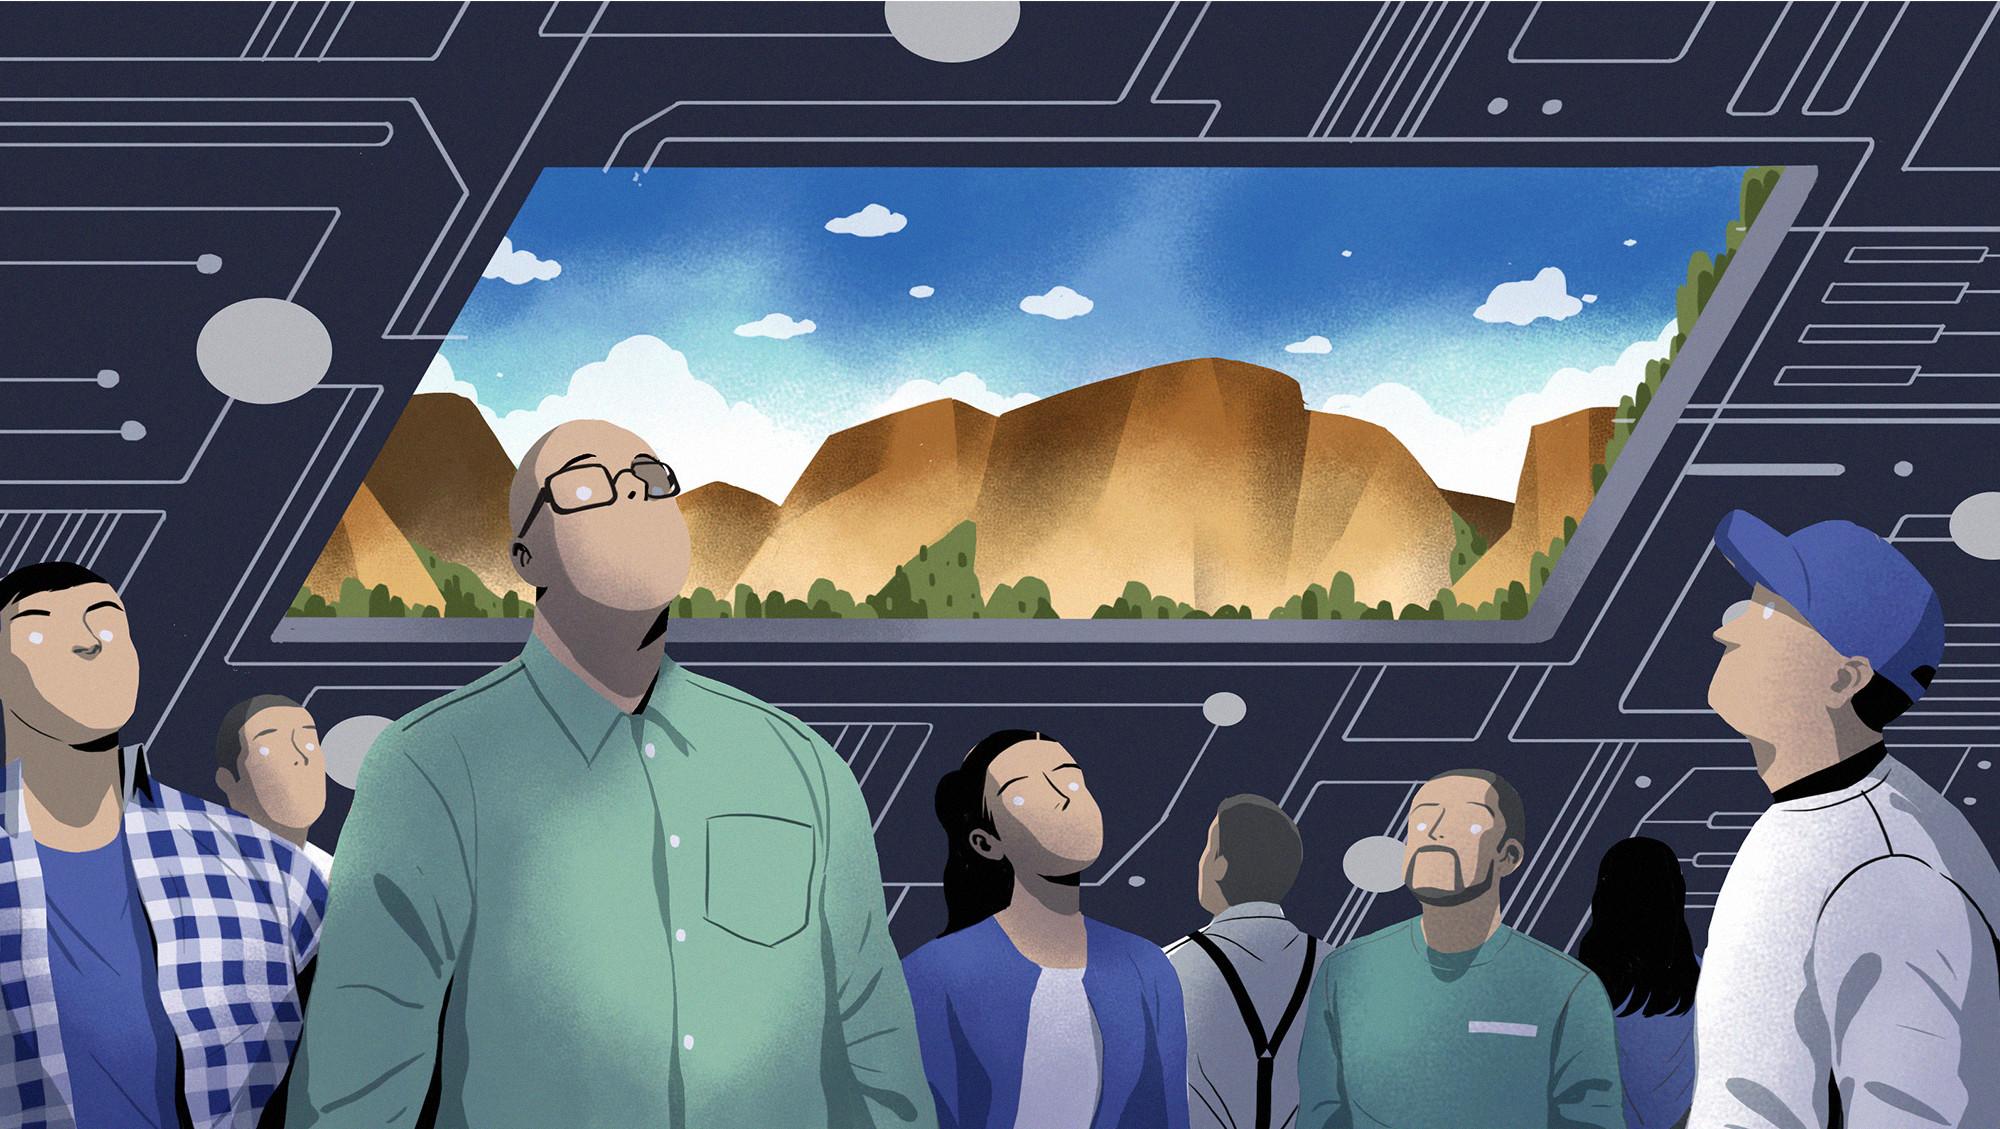 Lướt bên lăng kính smartphone ư? Đã đến lúc chúng ta nên sải bước thật sự trong cuộc sống - Ảnh 7.